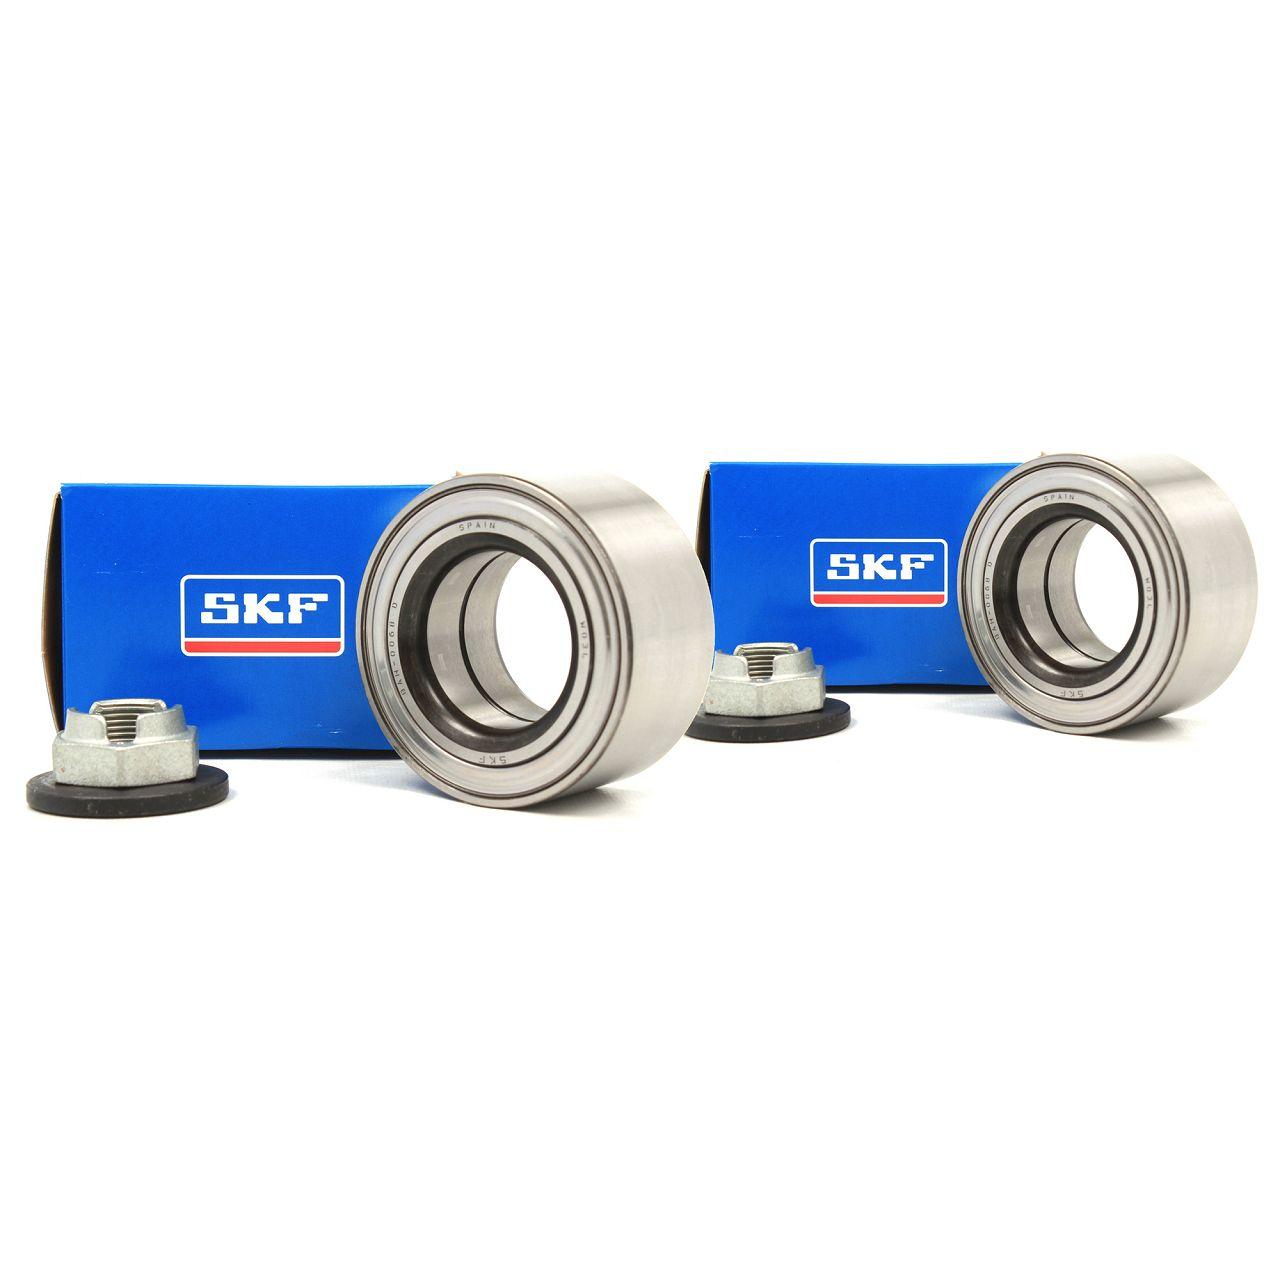 2x SKF Radlager Rep.-Satz für FORD MONDEO III MK3 JAGUAR X-TYPE vorne VKBA3575